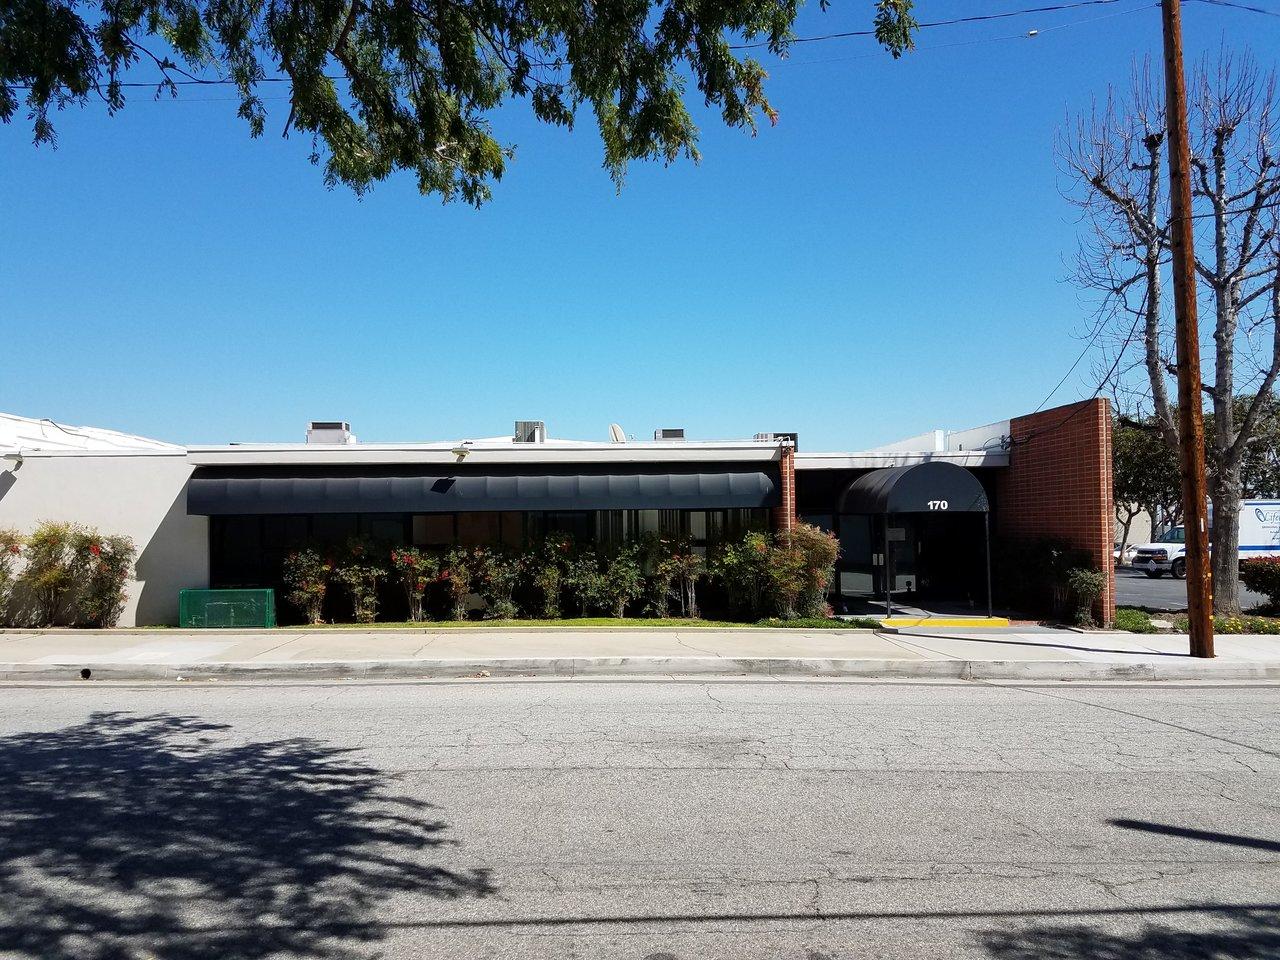 170 N Daisy Ave, Pasadena, CA, 91107